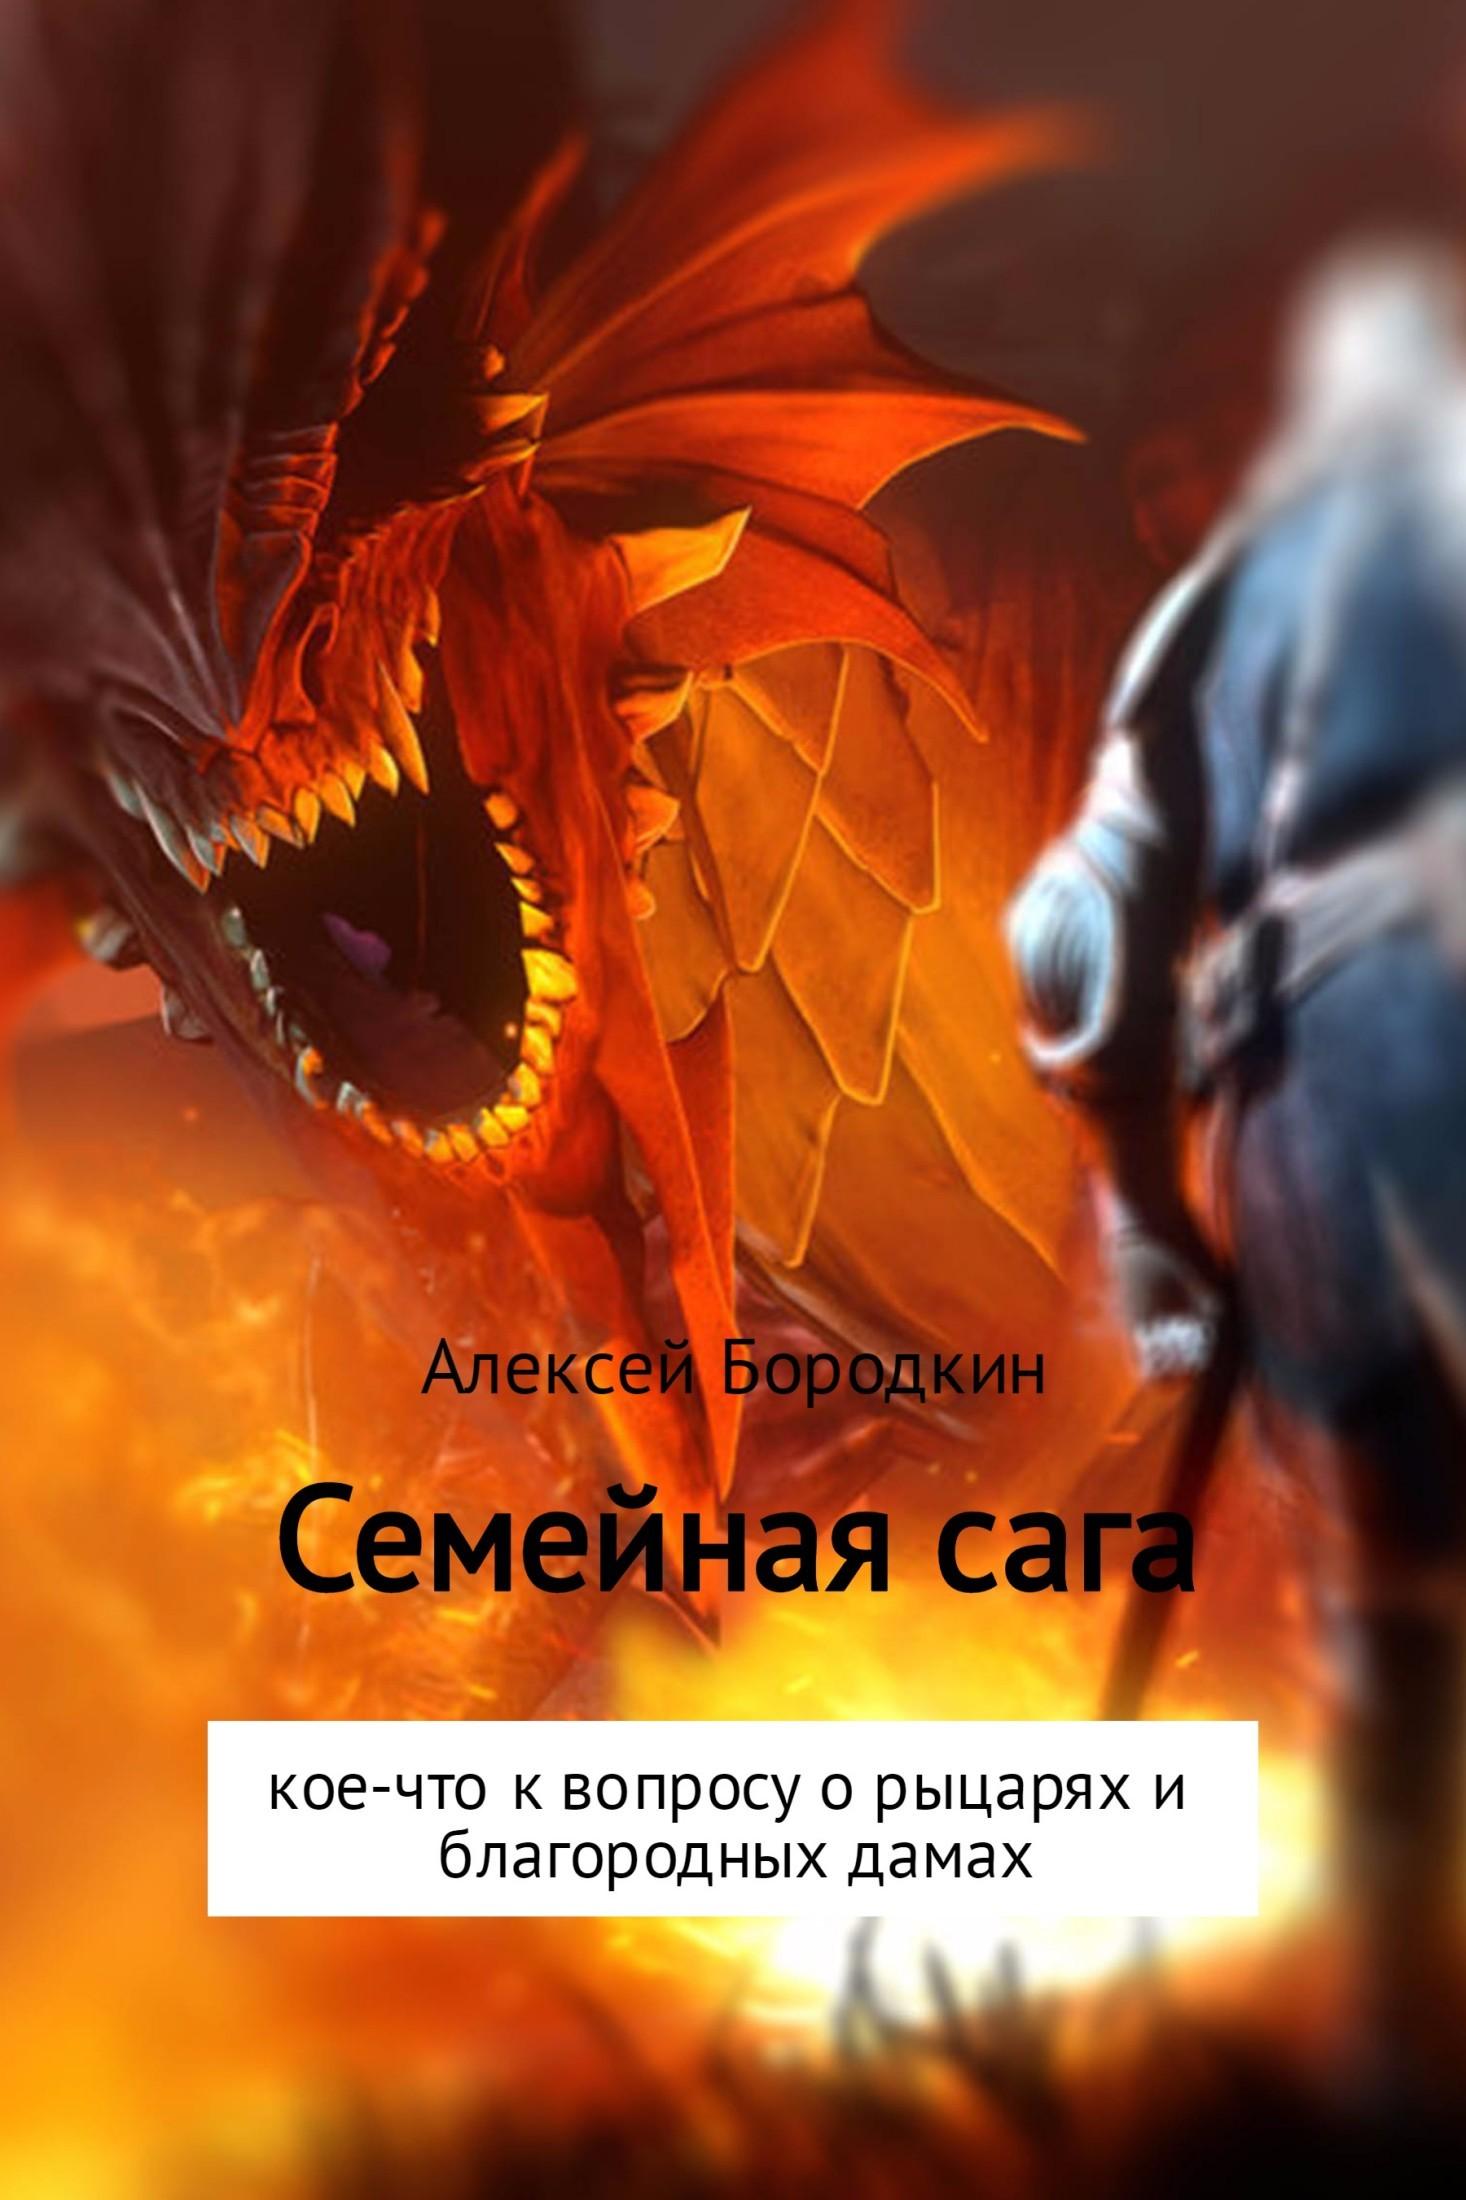 Алексей Бородкин - Семейная сага